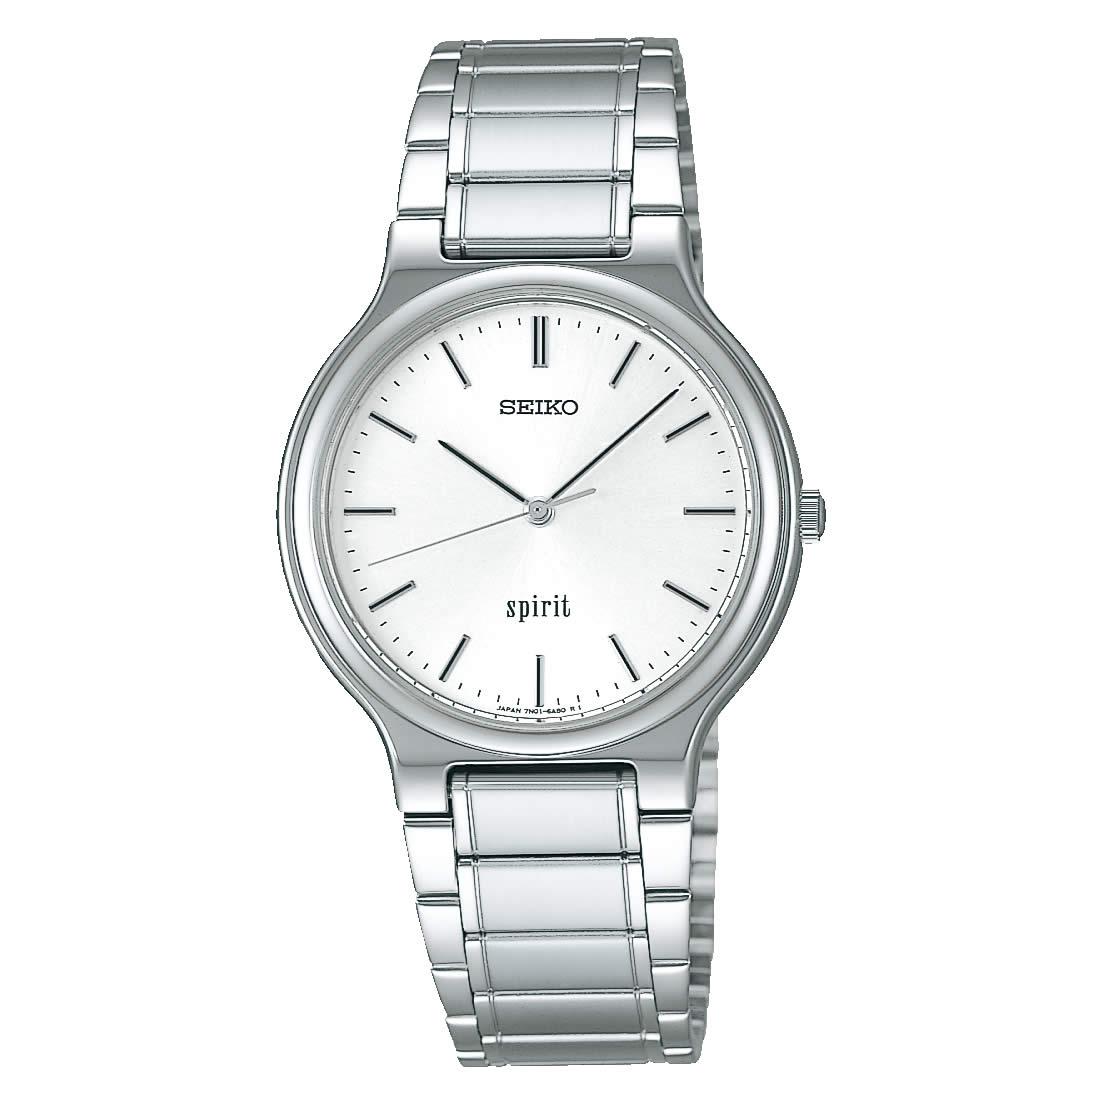 【送料無料】【国内正規品】セイコー スピリット SEIKO SPIRIT 腕時計 クオーツ メンズ SCDP003 50M 5気圧防水 ビジネス シンプル クォーツ 薄型 薄い きれいめ 人気 うでどけい とけい WATCH 時計【取り寄せ】